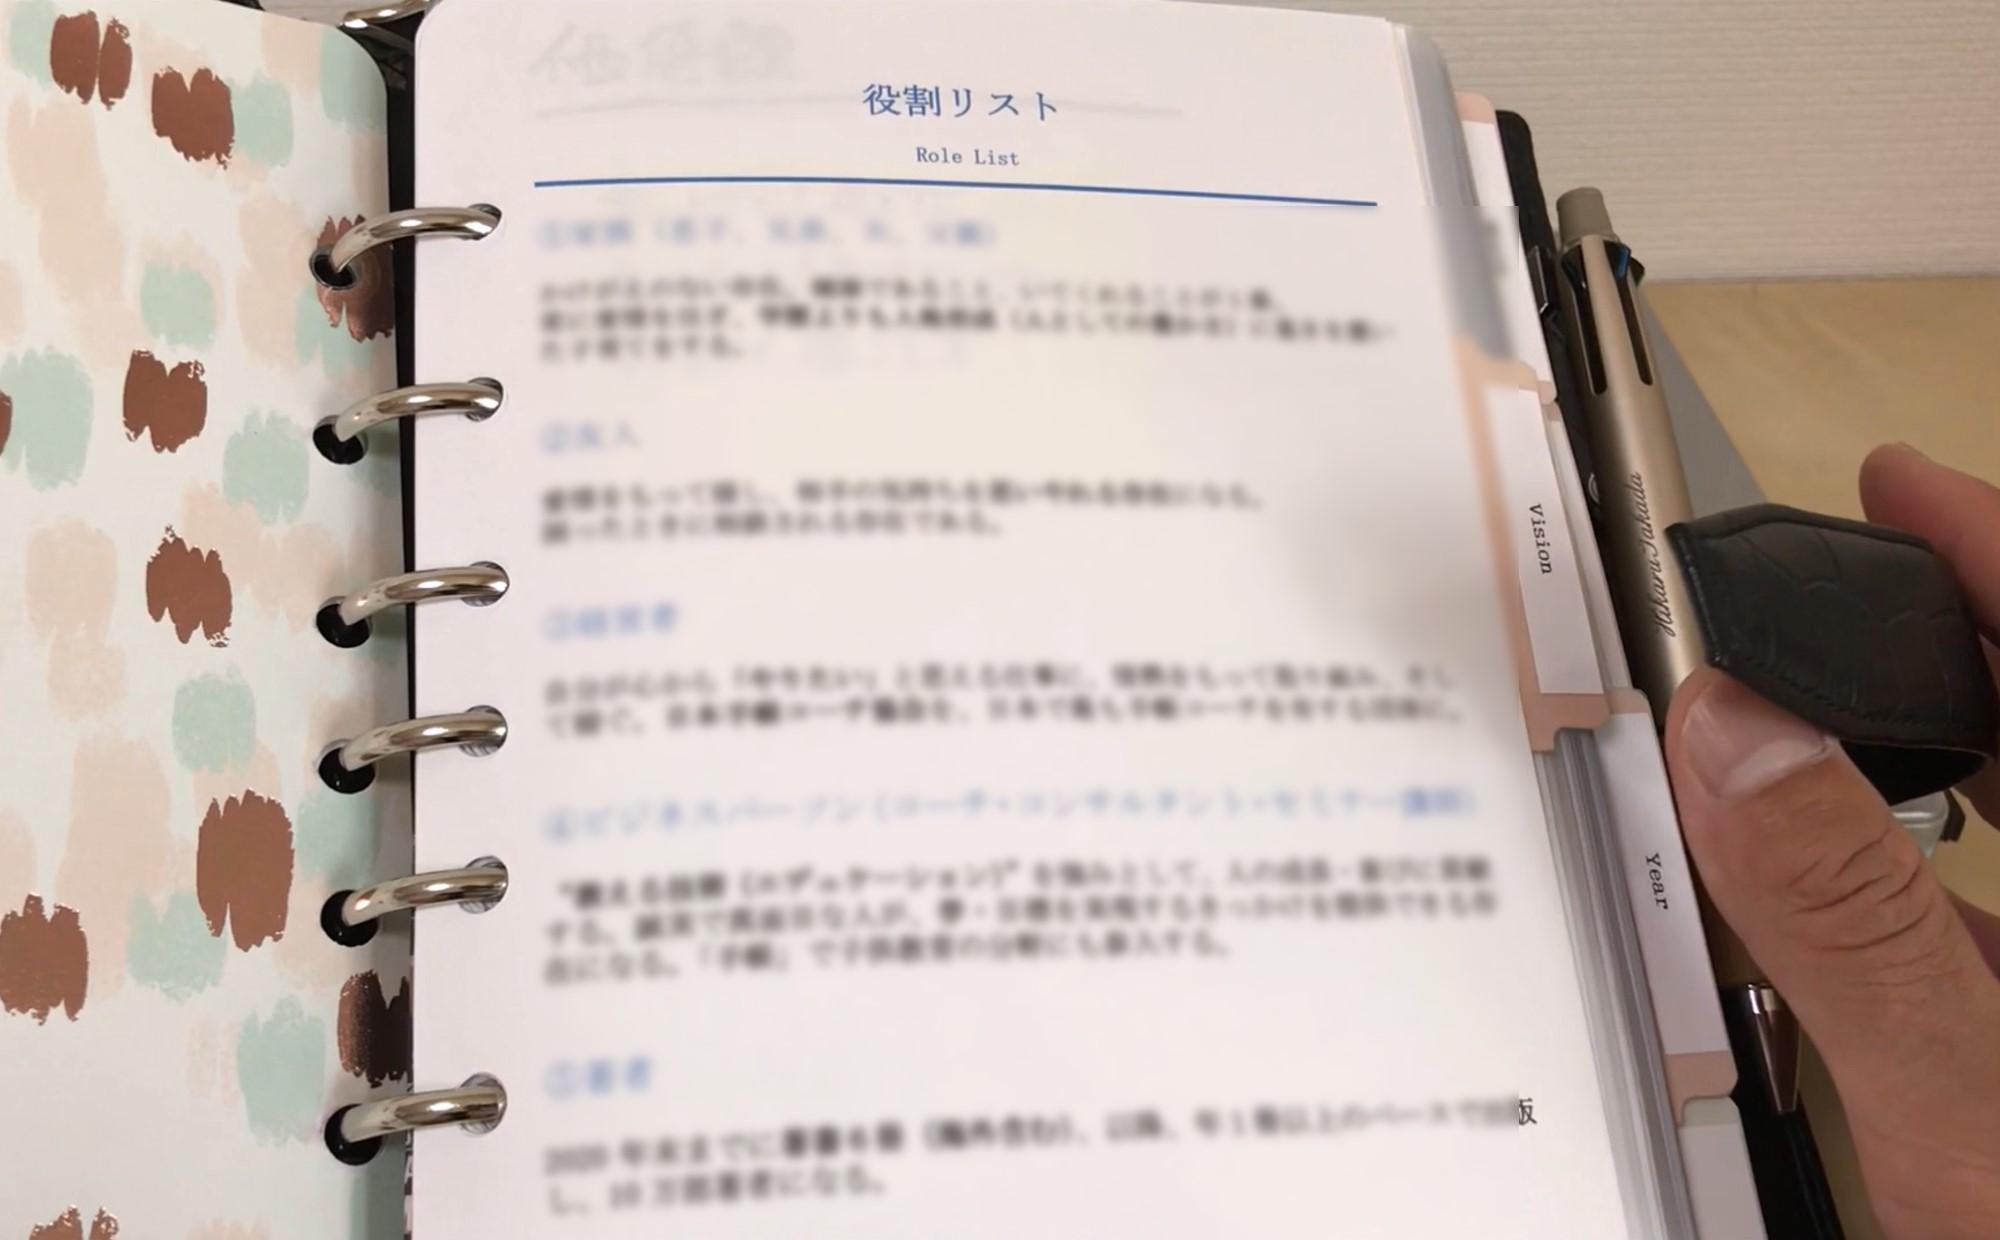 【会員限定動画】高田の手帳の中身「役割リスト」の解説